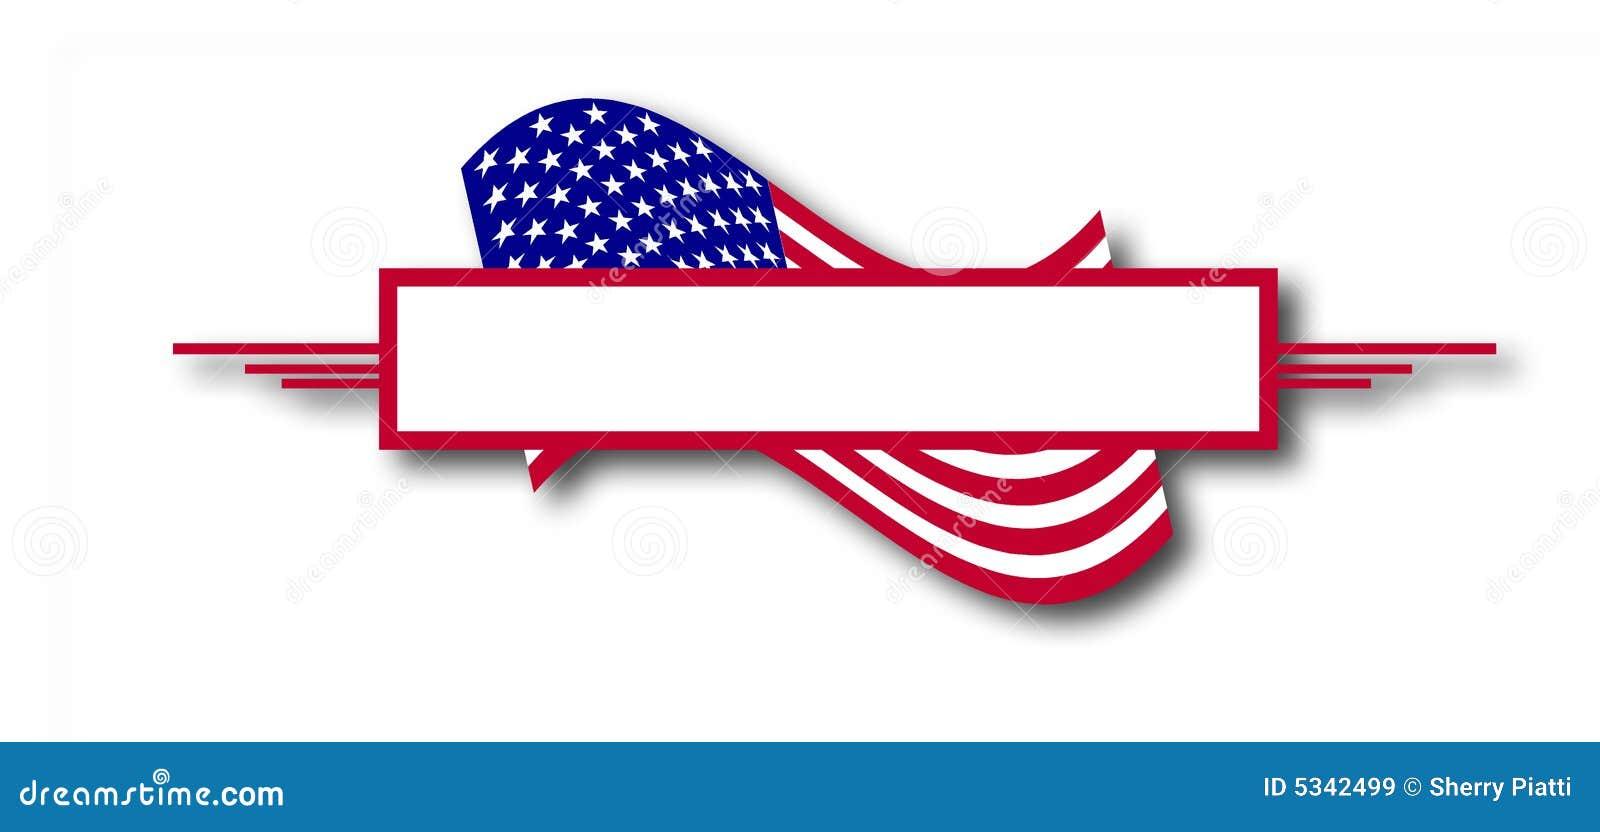 american flag banner stock illustration illustration of november